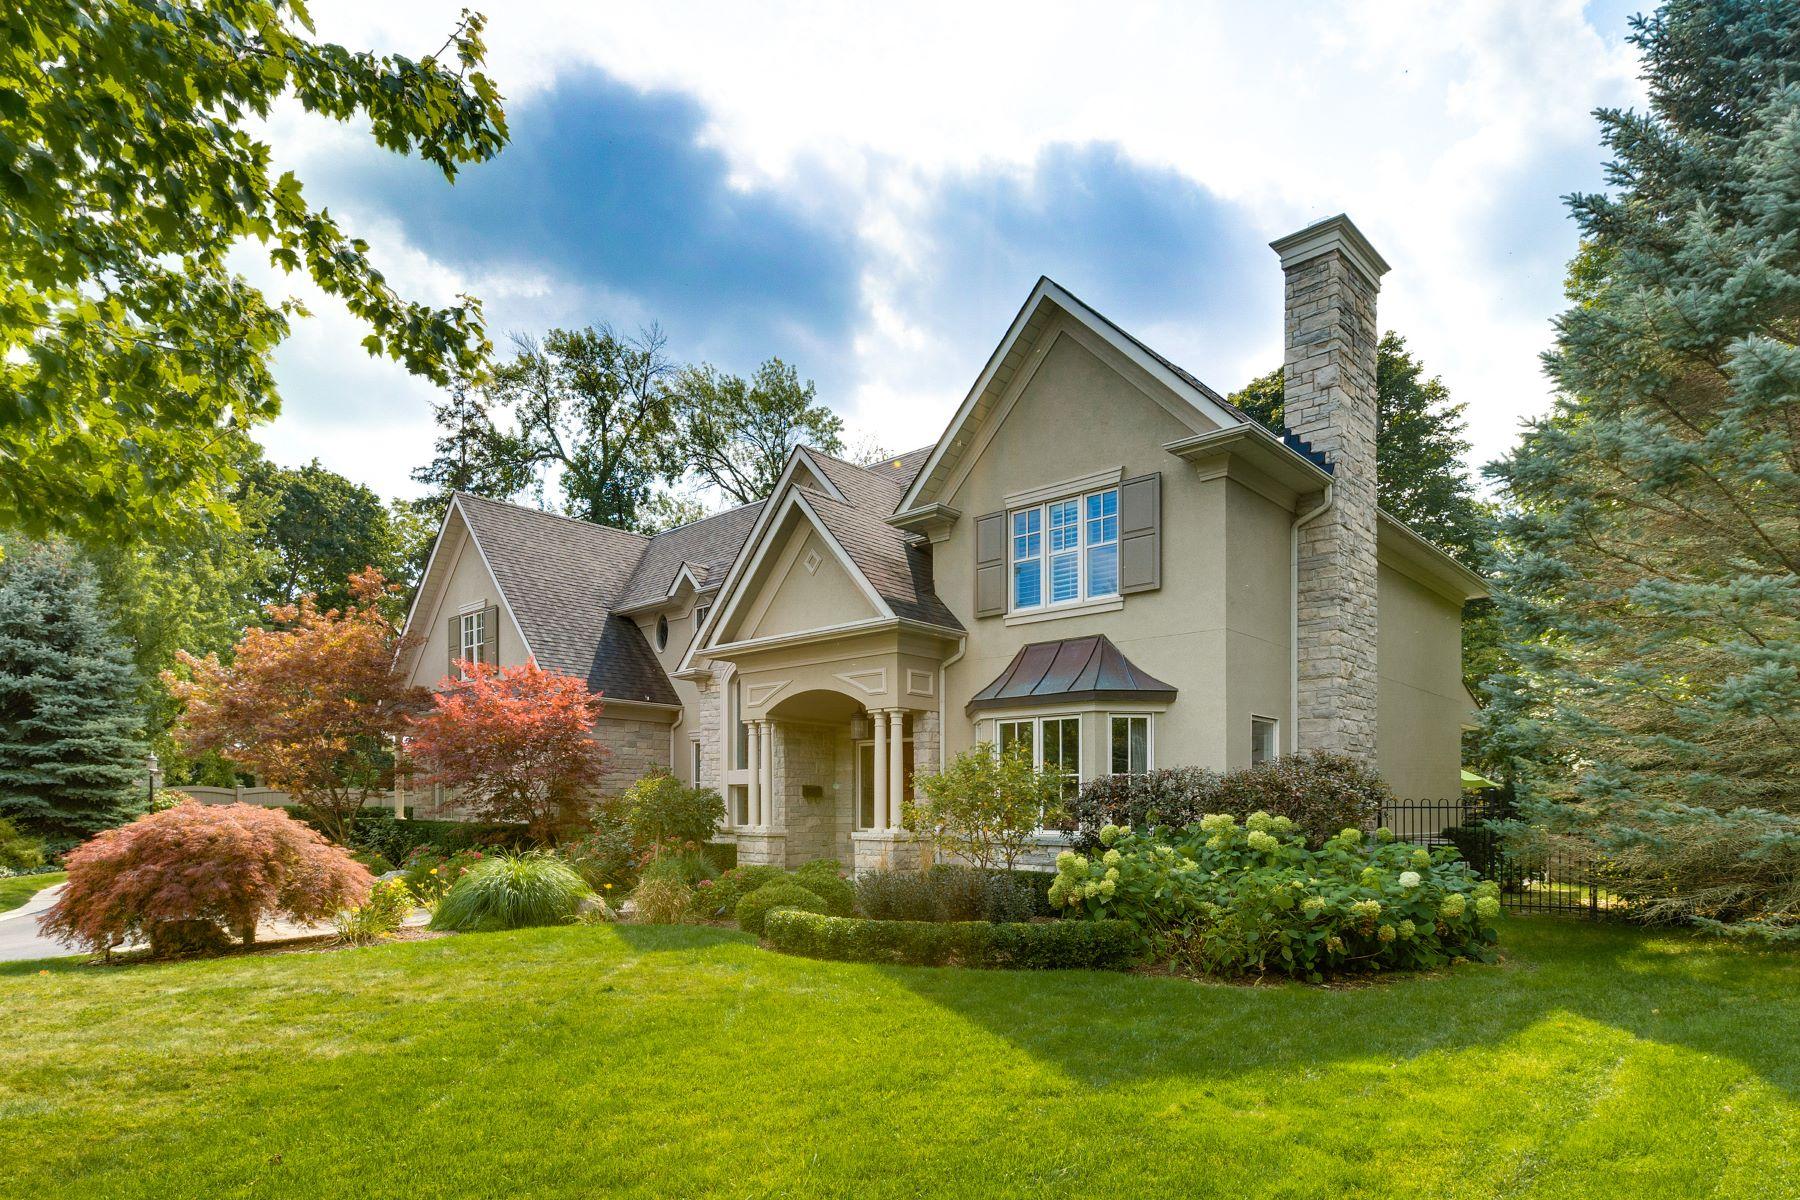 独户住宅 为 销售 在 Luxury Home on Private Court 108 Parkwood Court, 奥克维尔, 安大略省, L6J7W6 加拿大